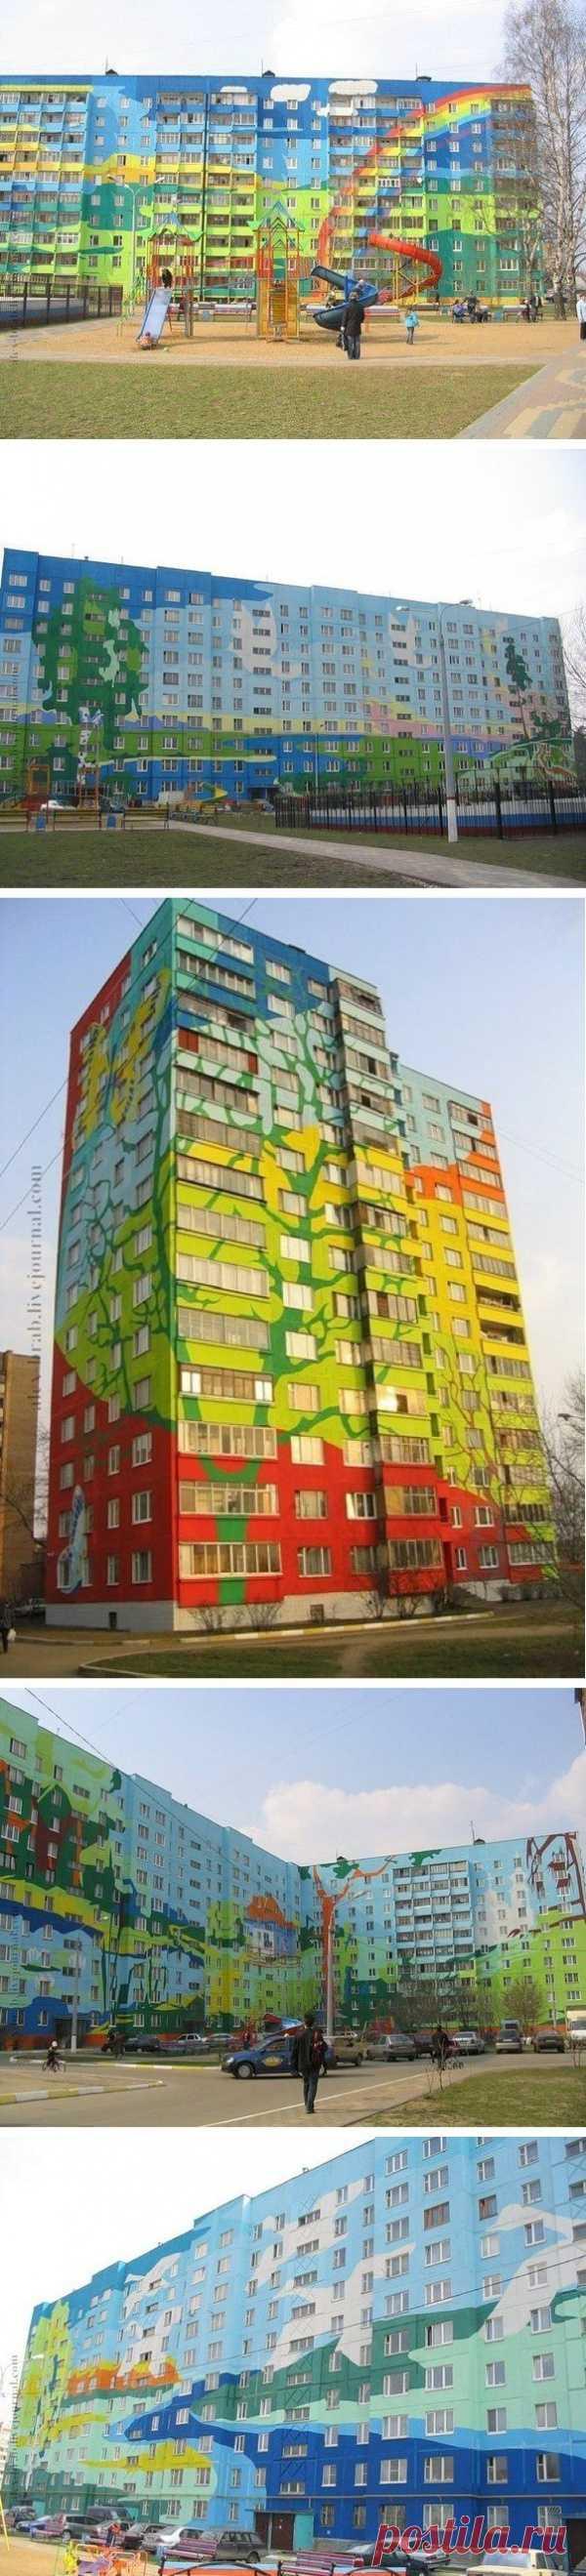 Картины на многоэтажных домах. Раменское, Россия